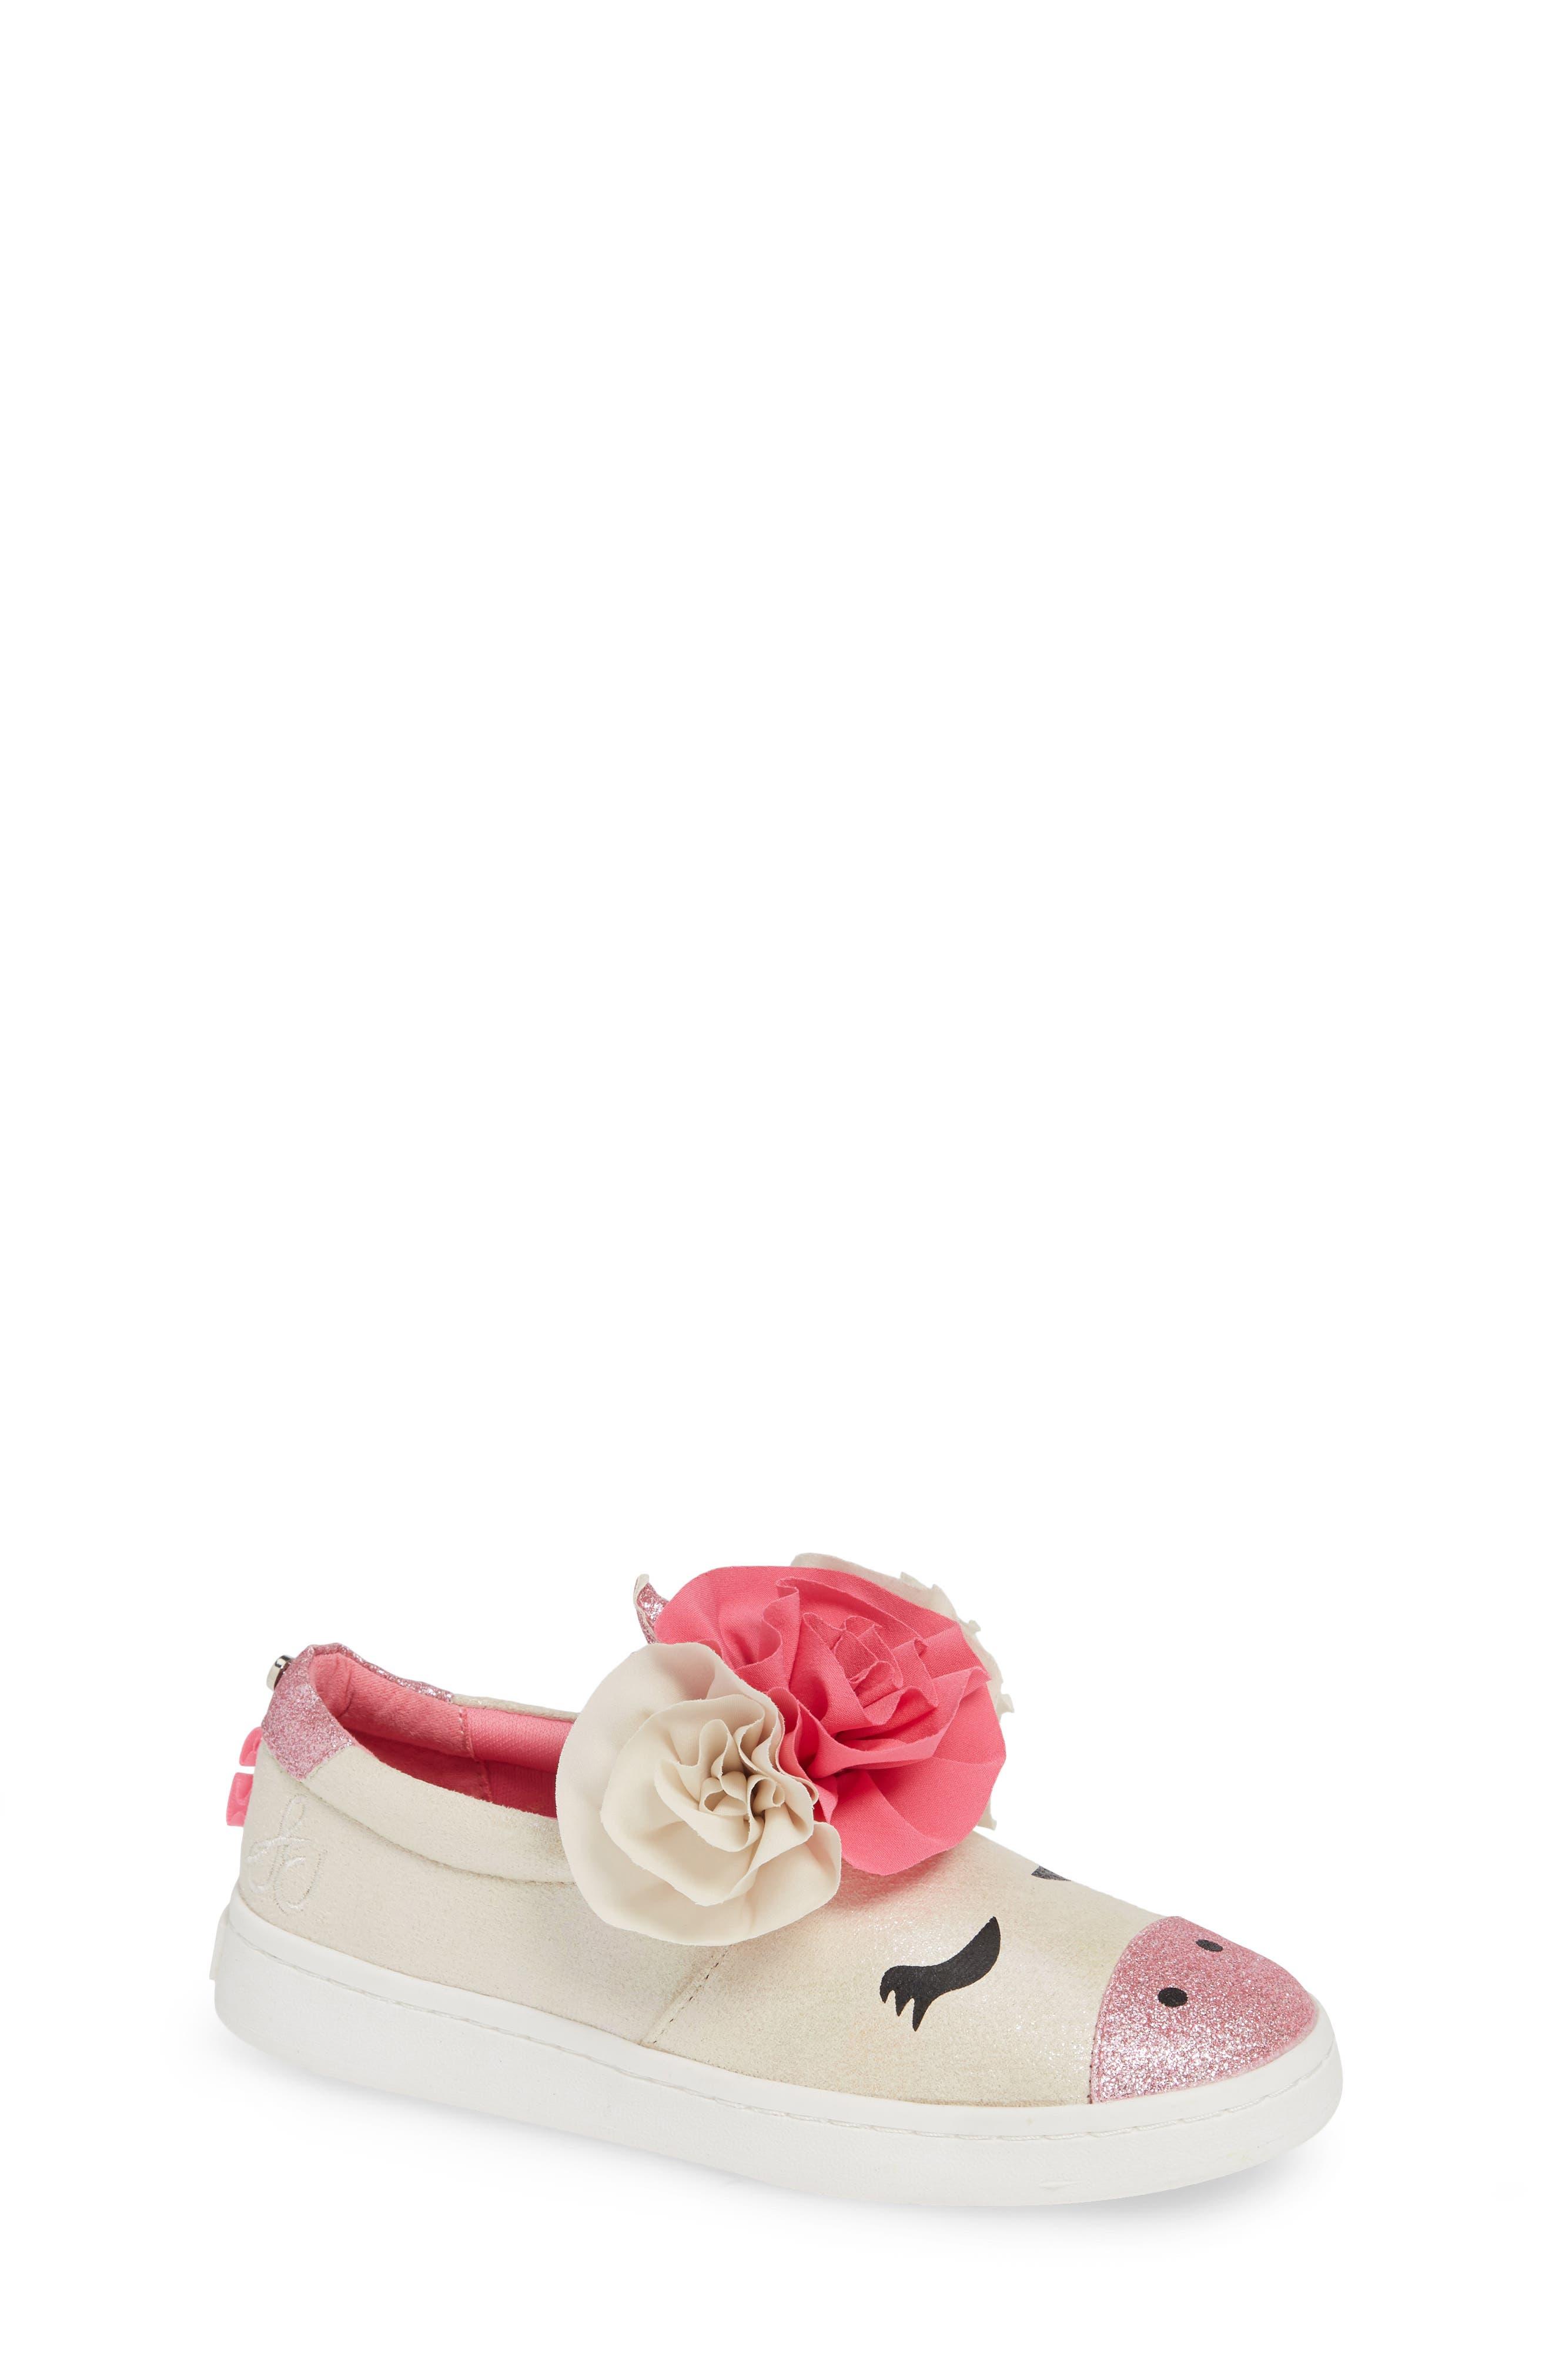 Blane Unicorn Slip-On Sneaker,                             Main thumbnail 1, color,                             WHITE SHIMMER